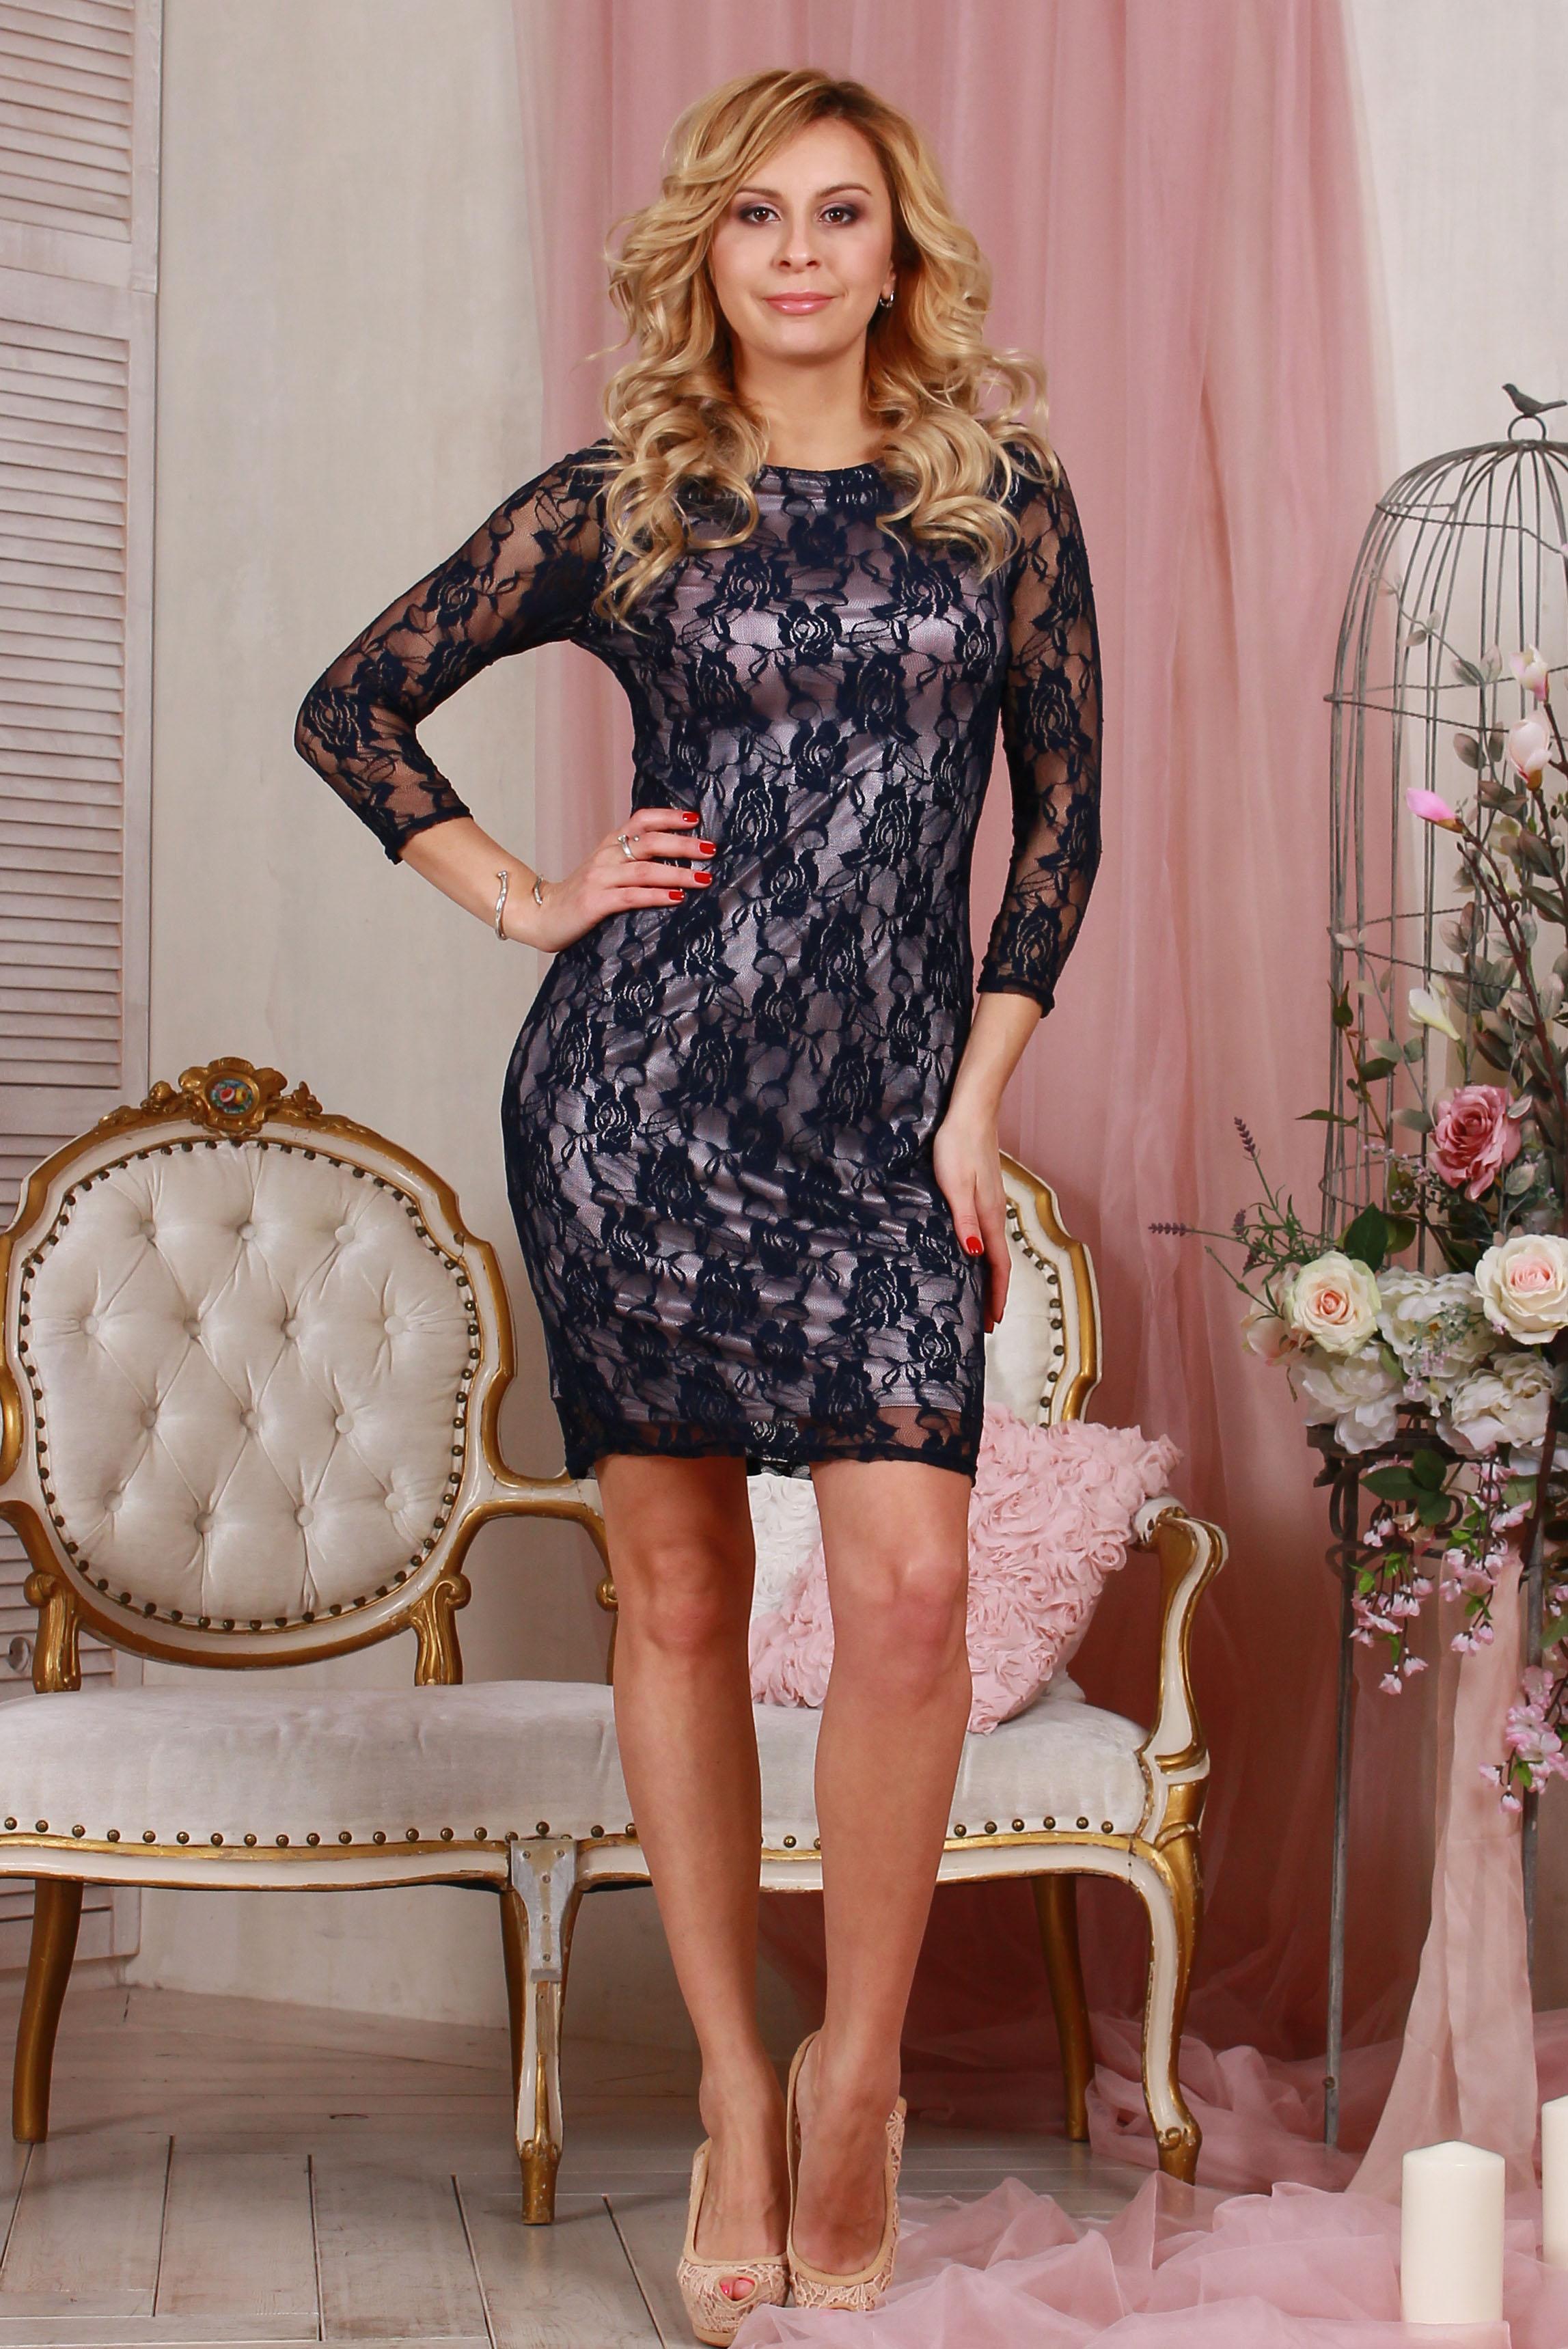 ПлатьеПлатья<br>Элегантное платье из гипюра на подкладке прилегающего силуэта, рукав втачной, 3/4.   Длина изделия от 91 см до 103 см , в зависимости от размера  Цвет: синий, розовый  Рост девушки-фотомодели 175 см<br><br>Горловина: С- горловина<br>По длине: До колена<br>По материалу: Вискоза,Гипюр,Трикотаж<br>По рисунку: Фактурный рисунок,Цветные<br>По сезону: Весна,Зима,Лето,Осень,Всесезон<br>По силуэту: Приталенные<br>По стилю: Нарядный стиль,Вечерний стиль<br>По форме: Платье - футляр<br>Рукав: Рукав три четверти<br>По элементам: С подкладом<br>Размер : 42,44,48<br>Материал: Холодное масло + Гипюр<br>Количество в наличии: 3